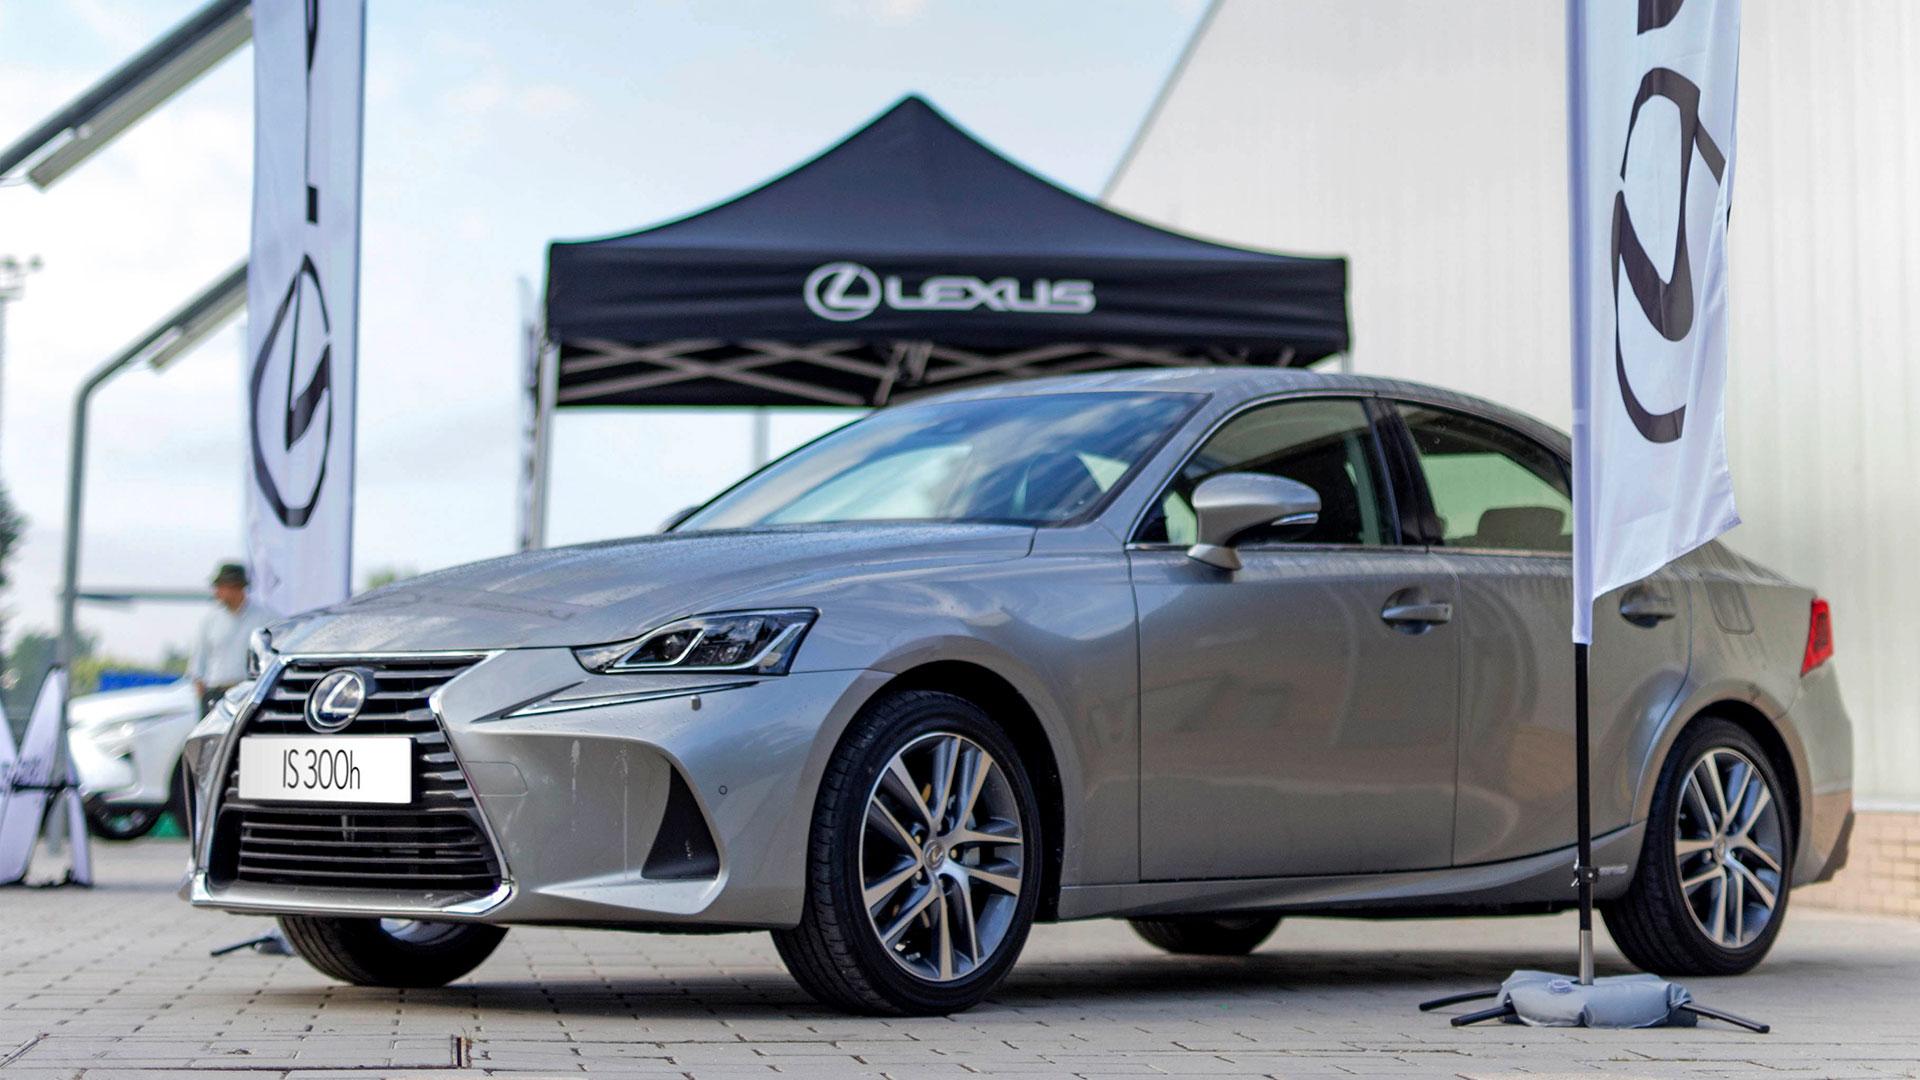 Imagen del IS 300h exhibido en el Torneo Lexus Hybrid Promo